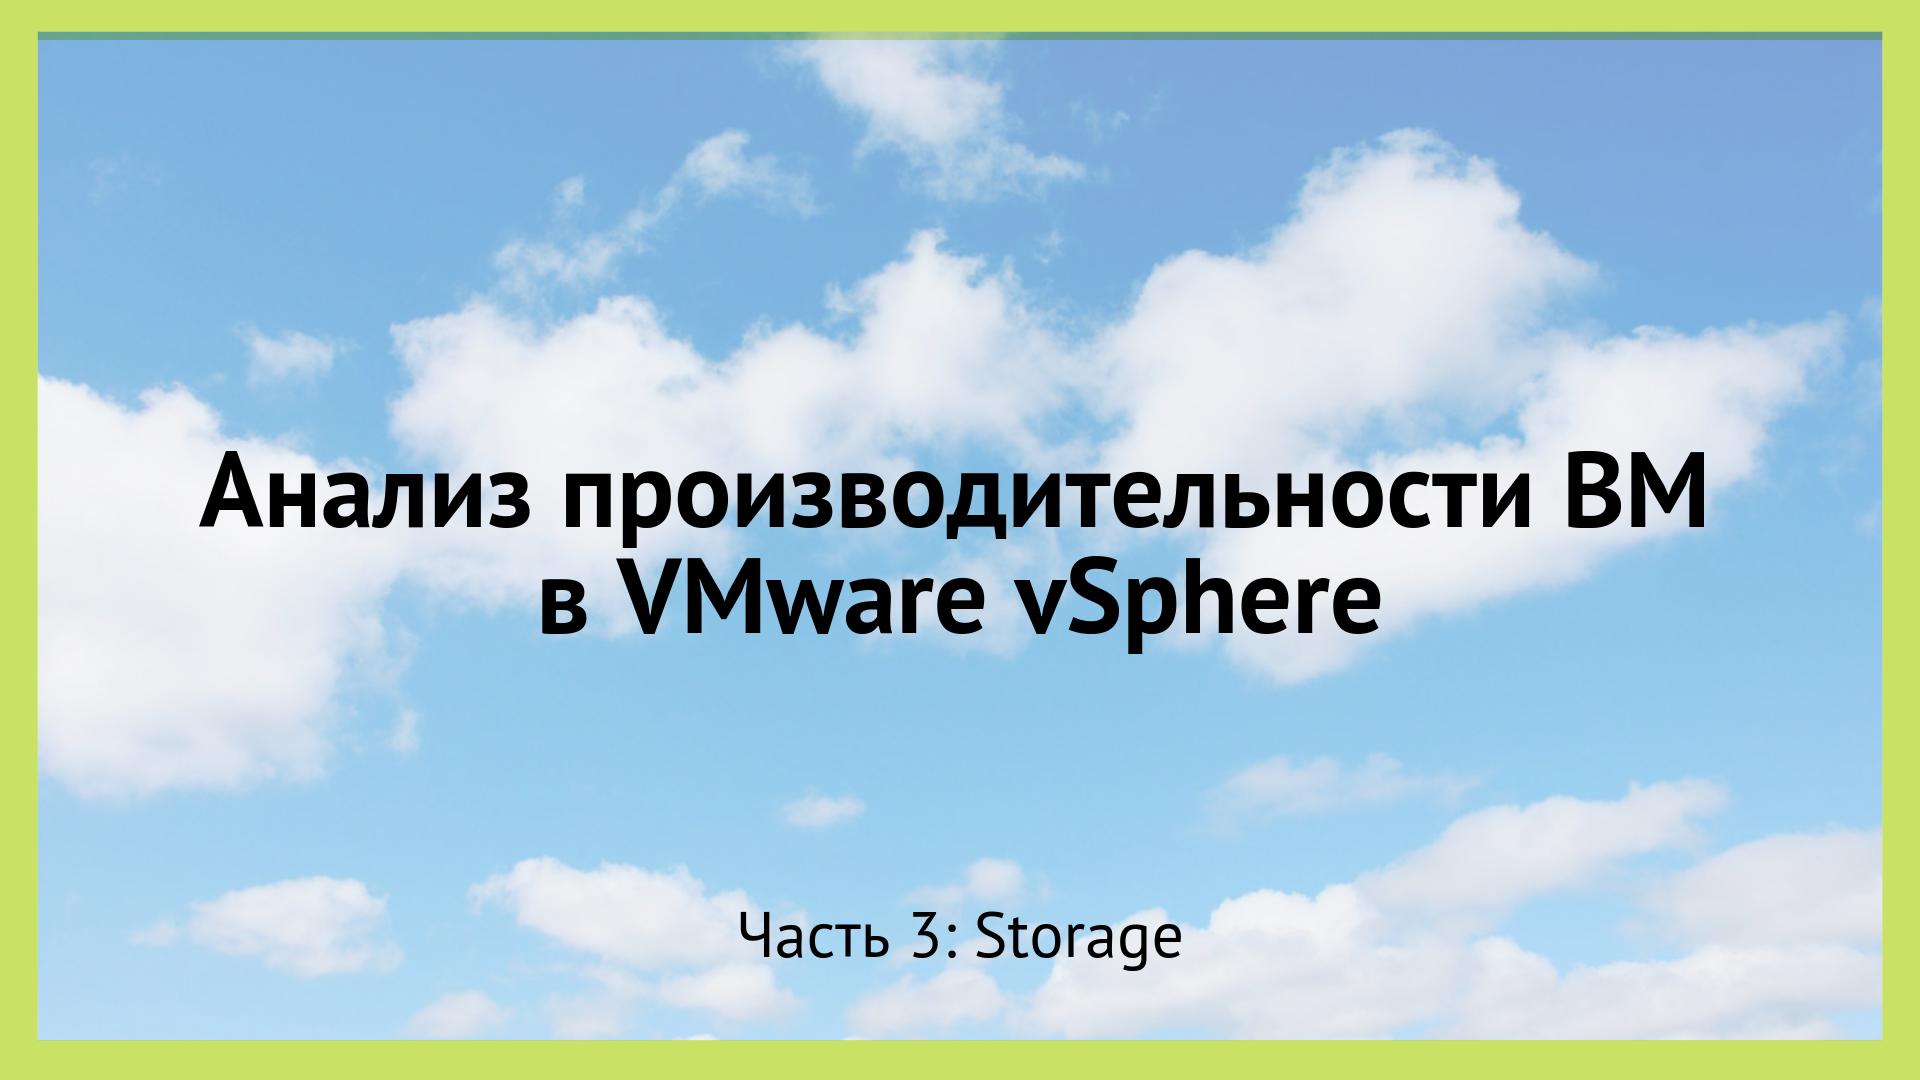 Анализ производительности ВМ в VMware vSphere. Часть 3: Storage - 1